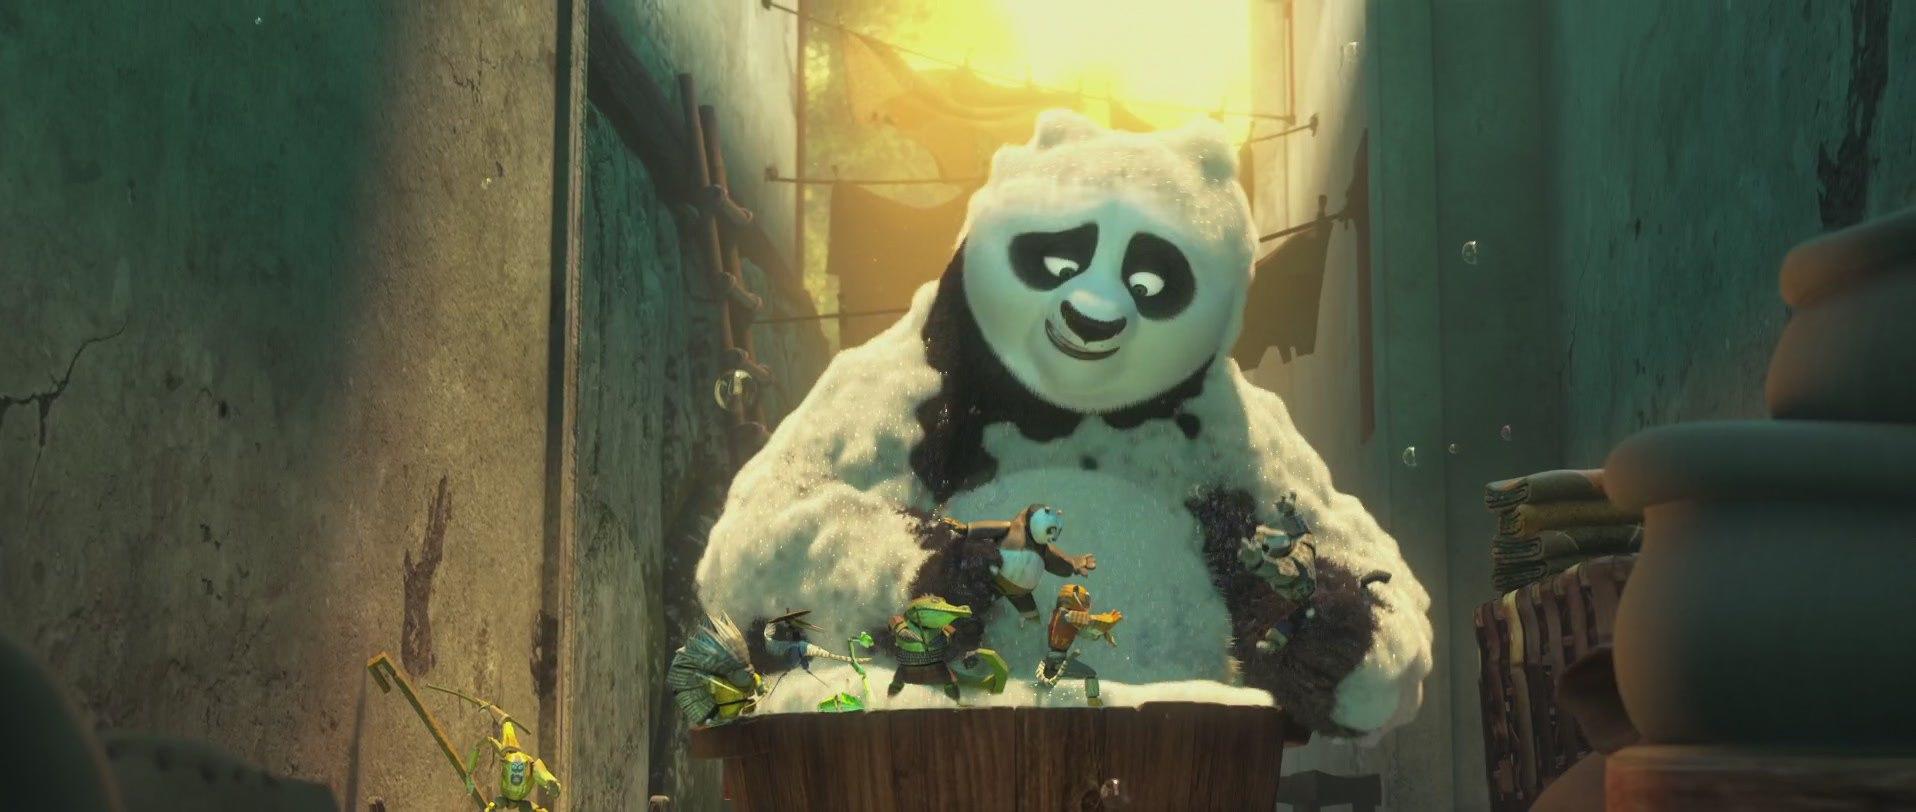 кунг-фу панда и игрушки в ванной